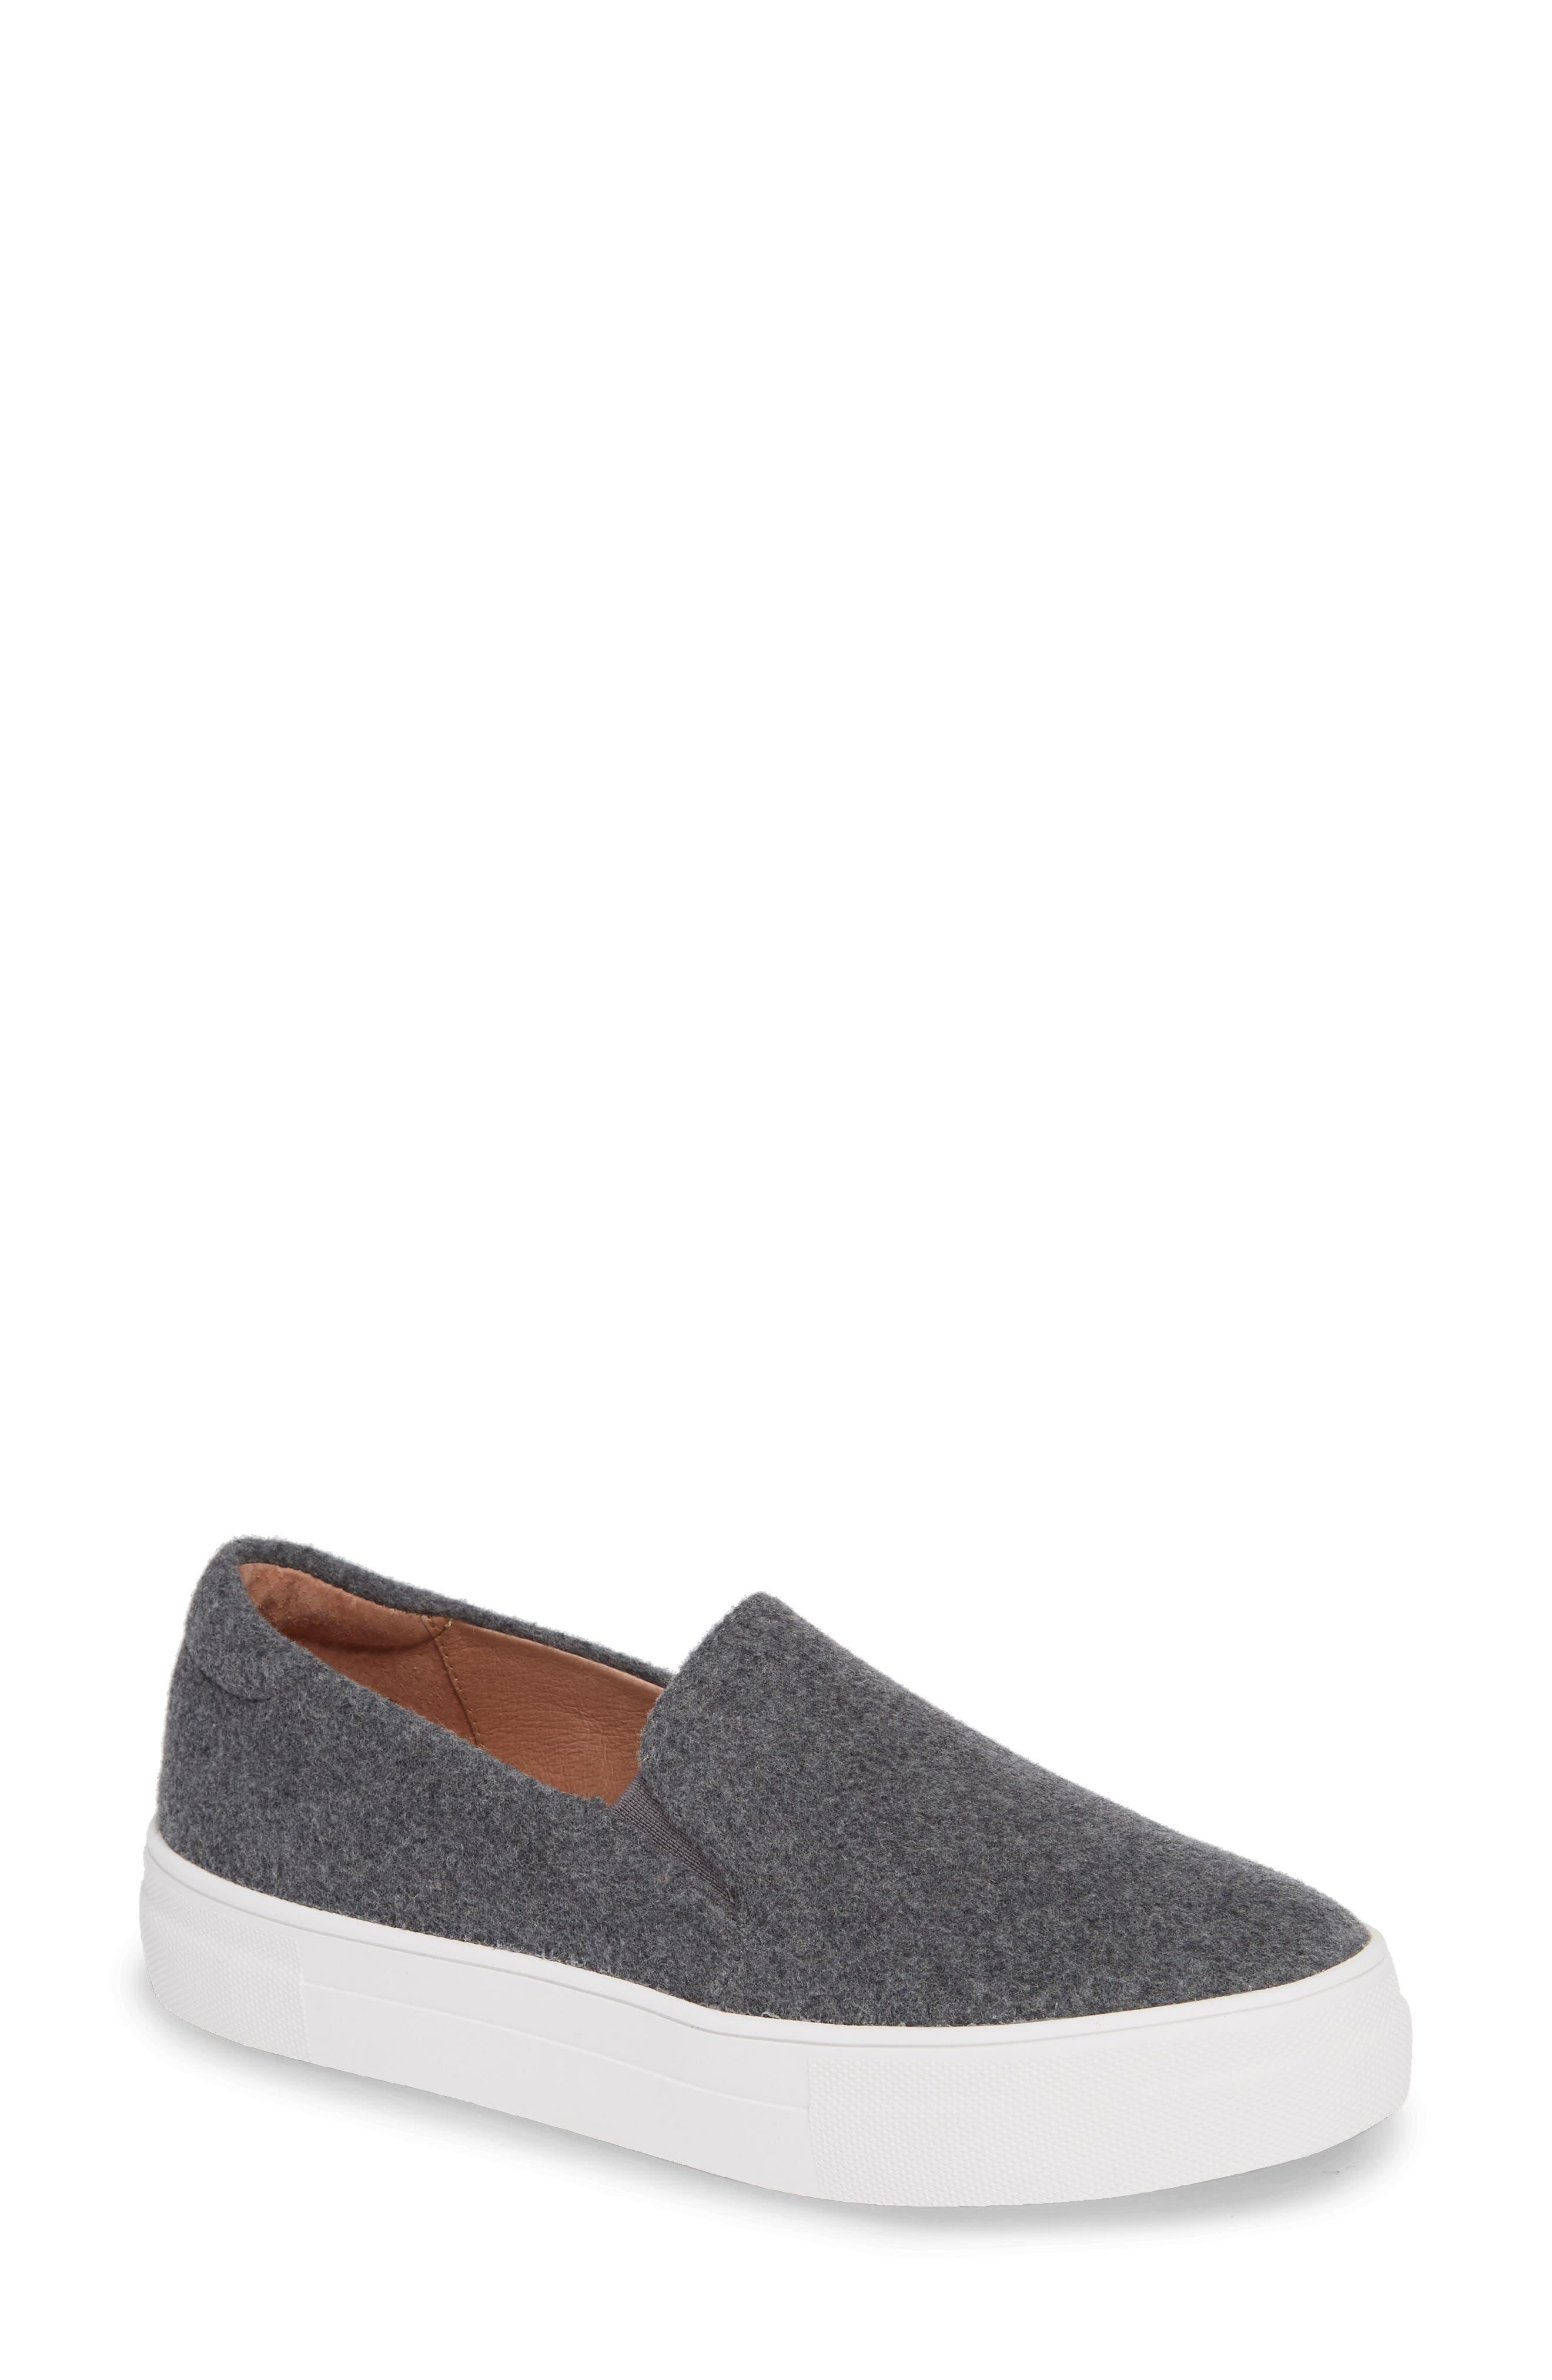 Alden Slip-On Sneaker,                             Main thumbnail 1, color,                             Stone Boiled Wool